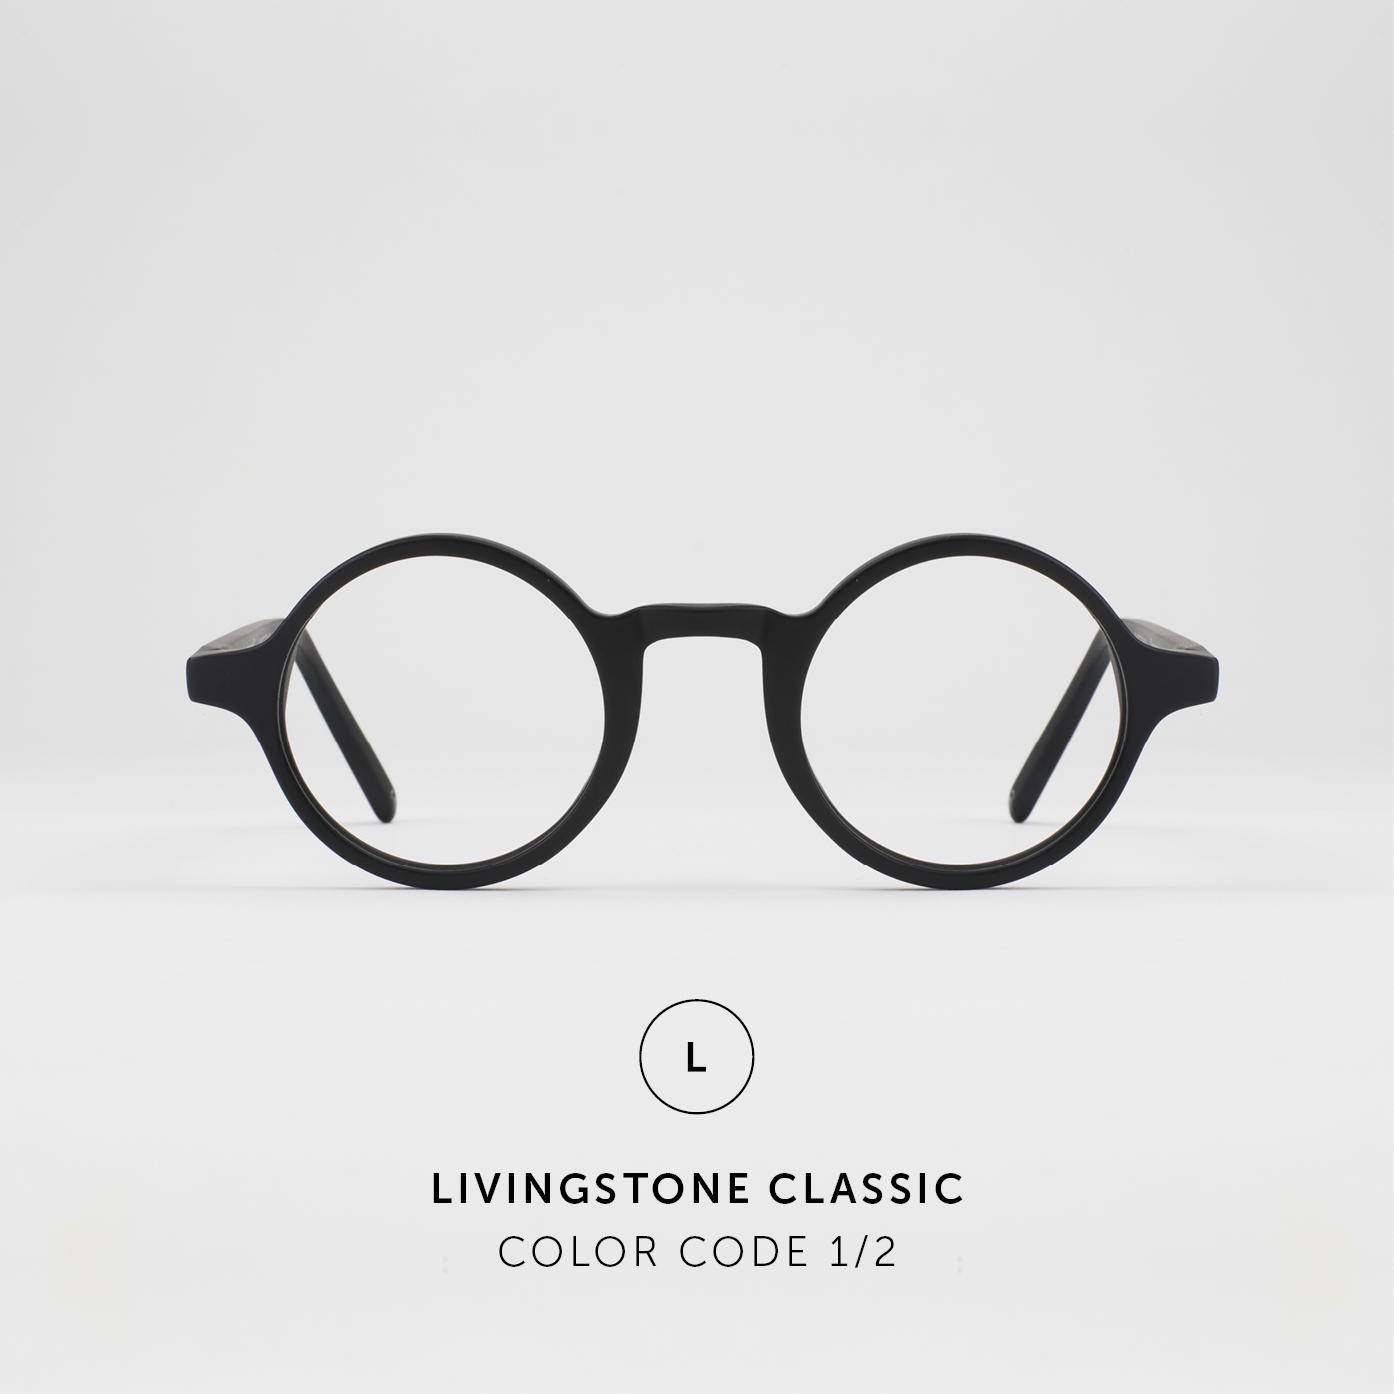 LivingstoneClassic5.jpg